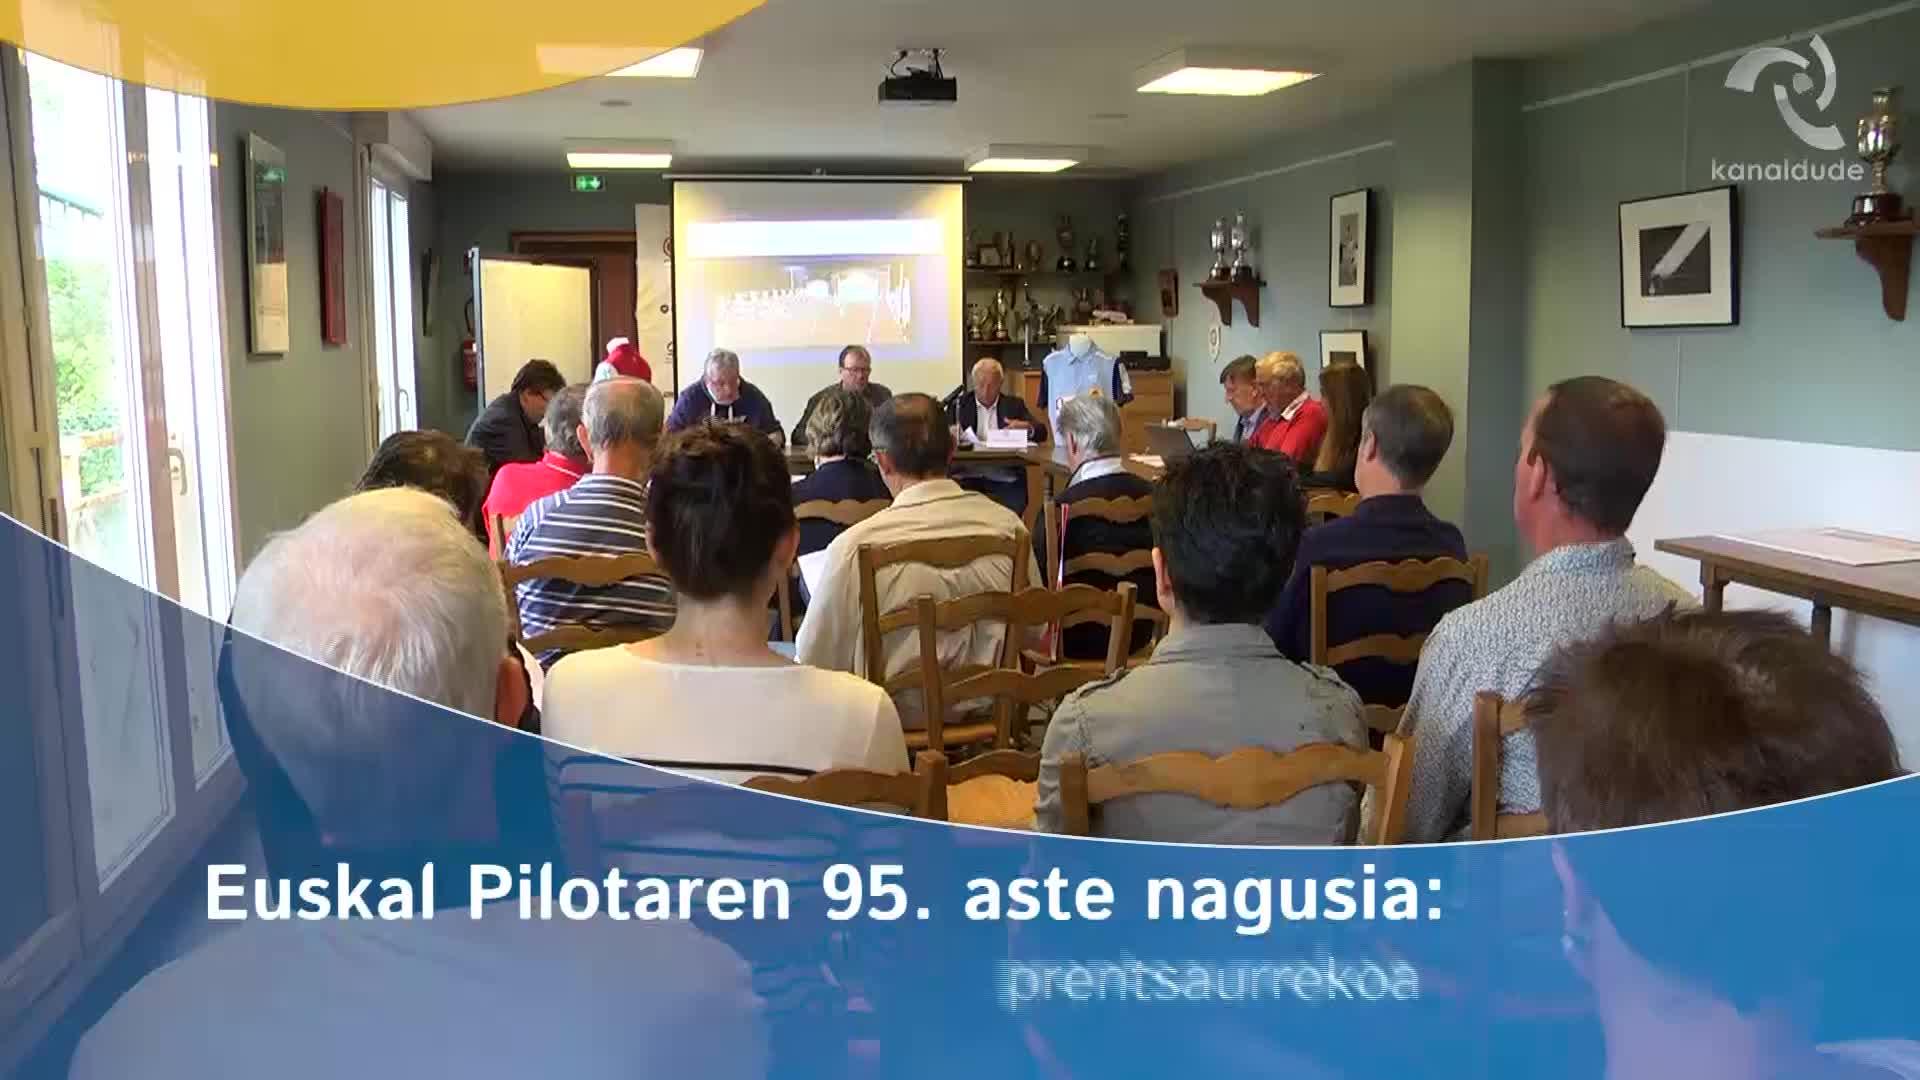 Euskal Pilotaren 95. aste nagusia: prentsaurrekoa